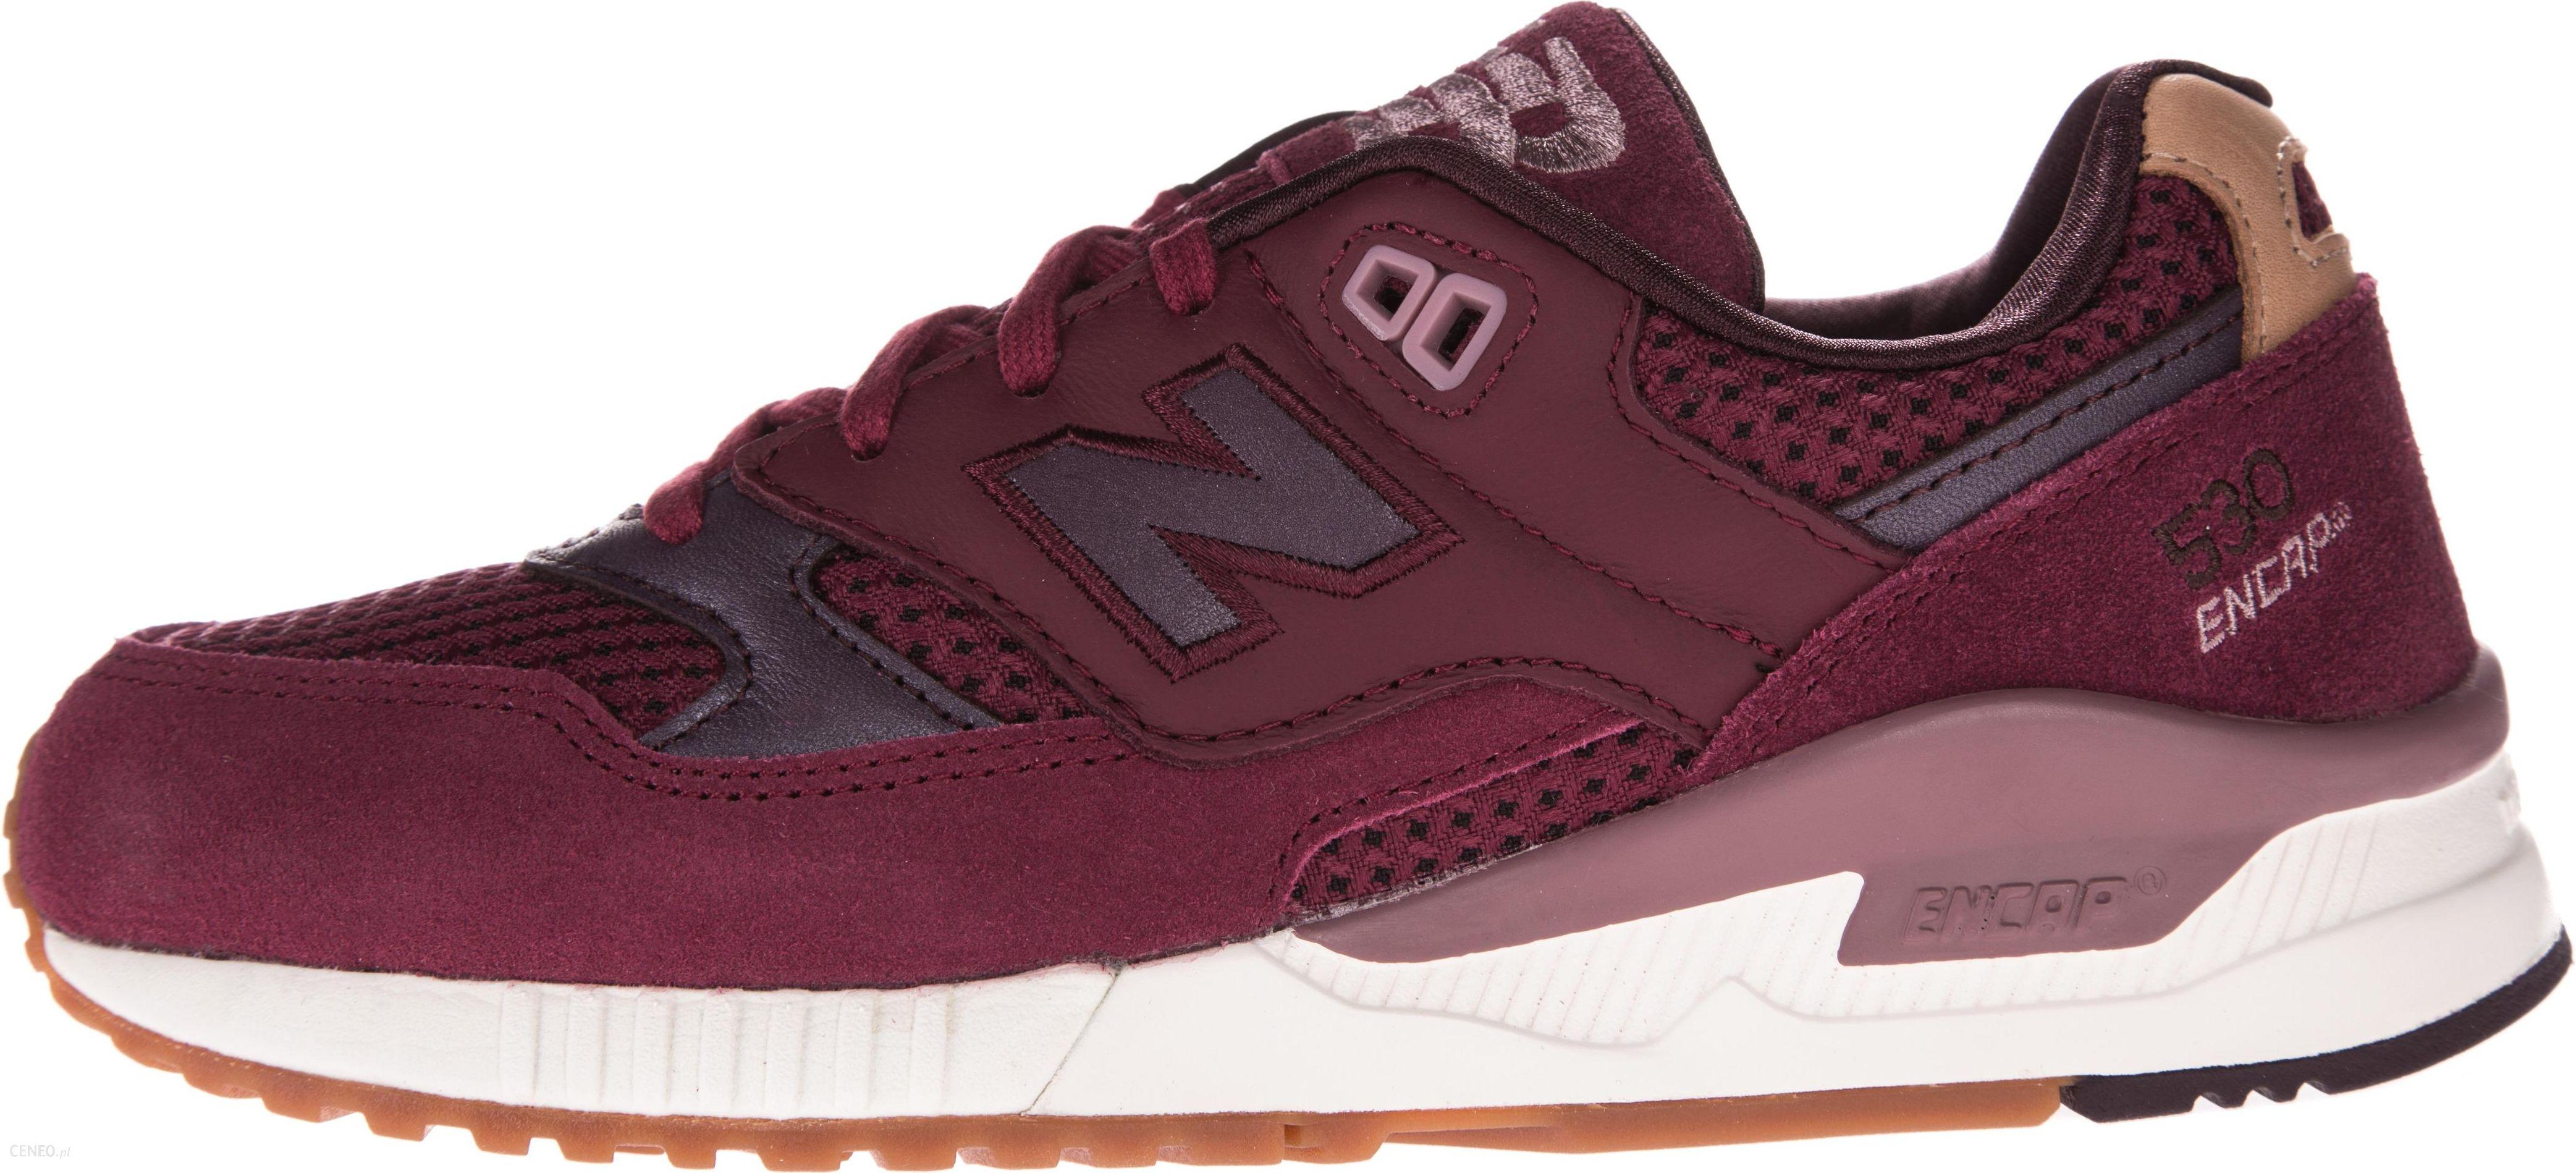 new balance 530 czerwone